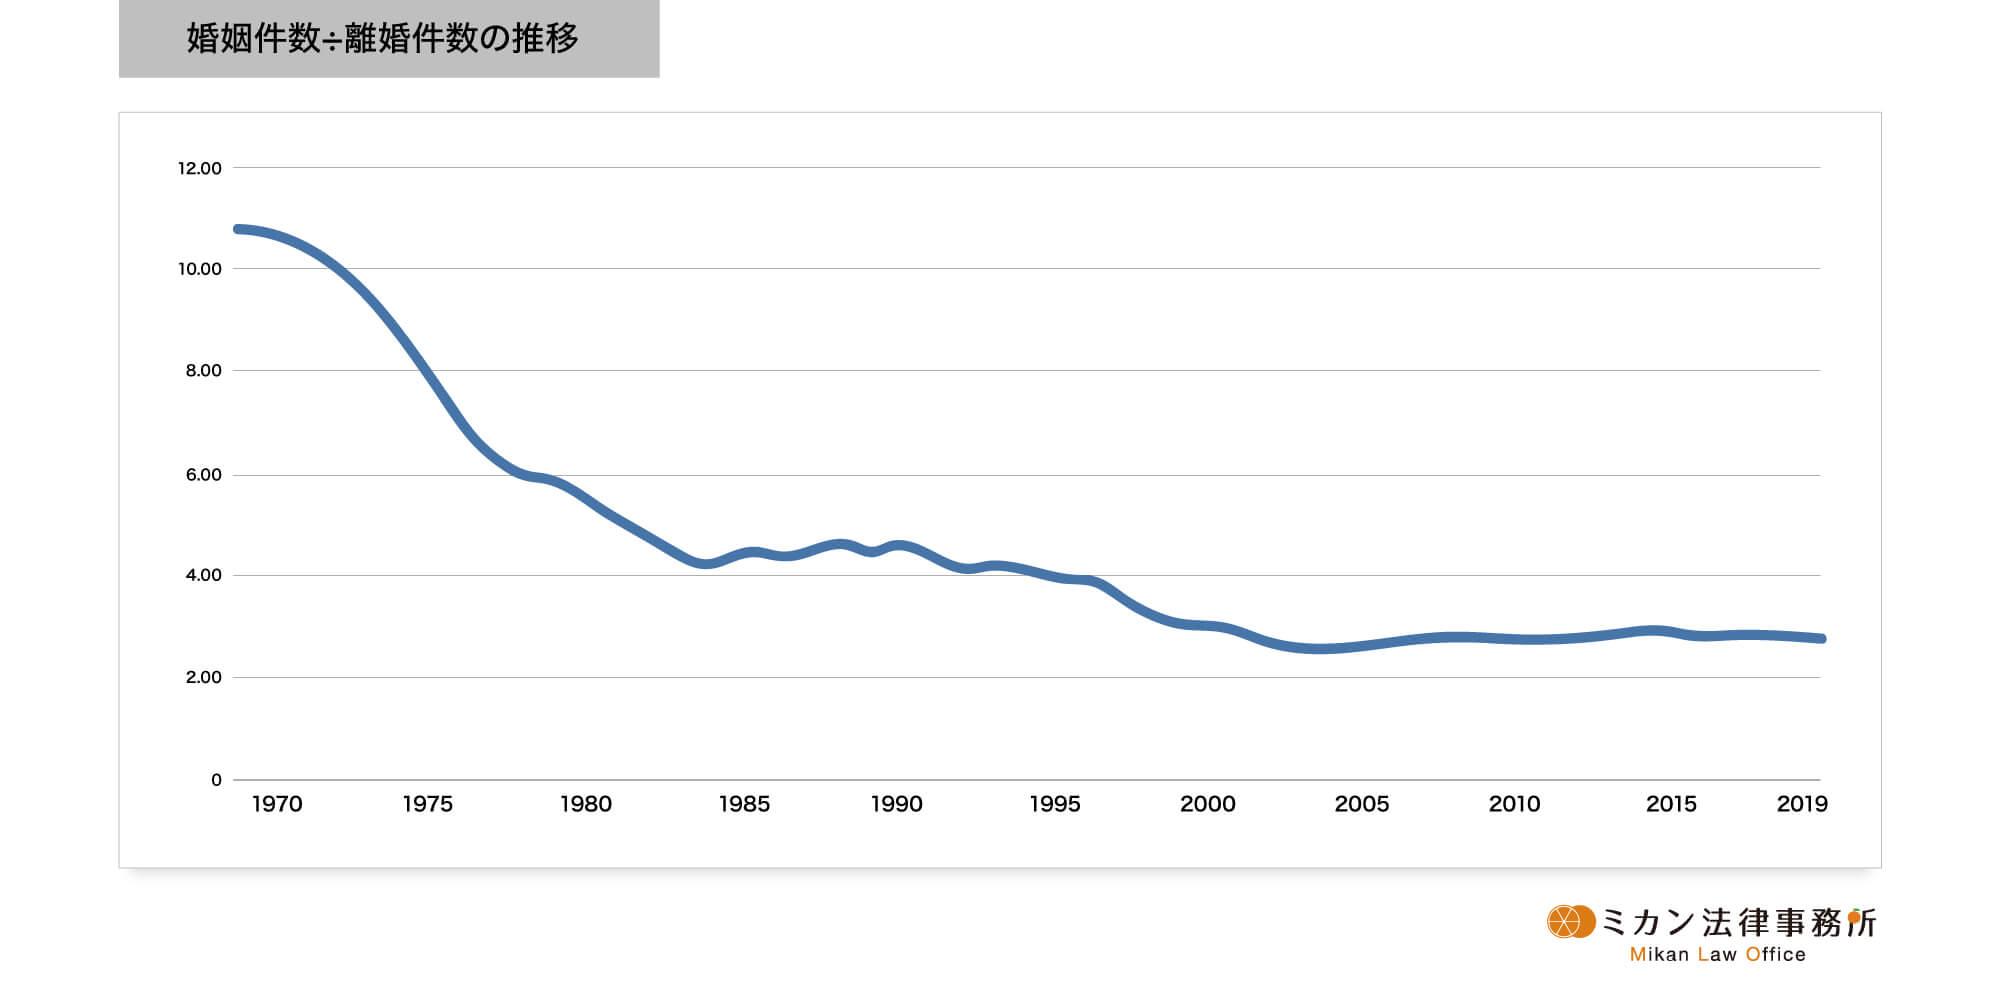 婚姻件数/離婚件数の推移グラフ